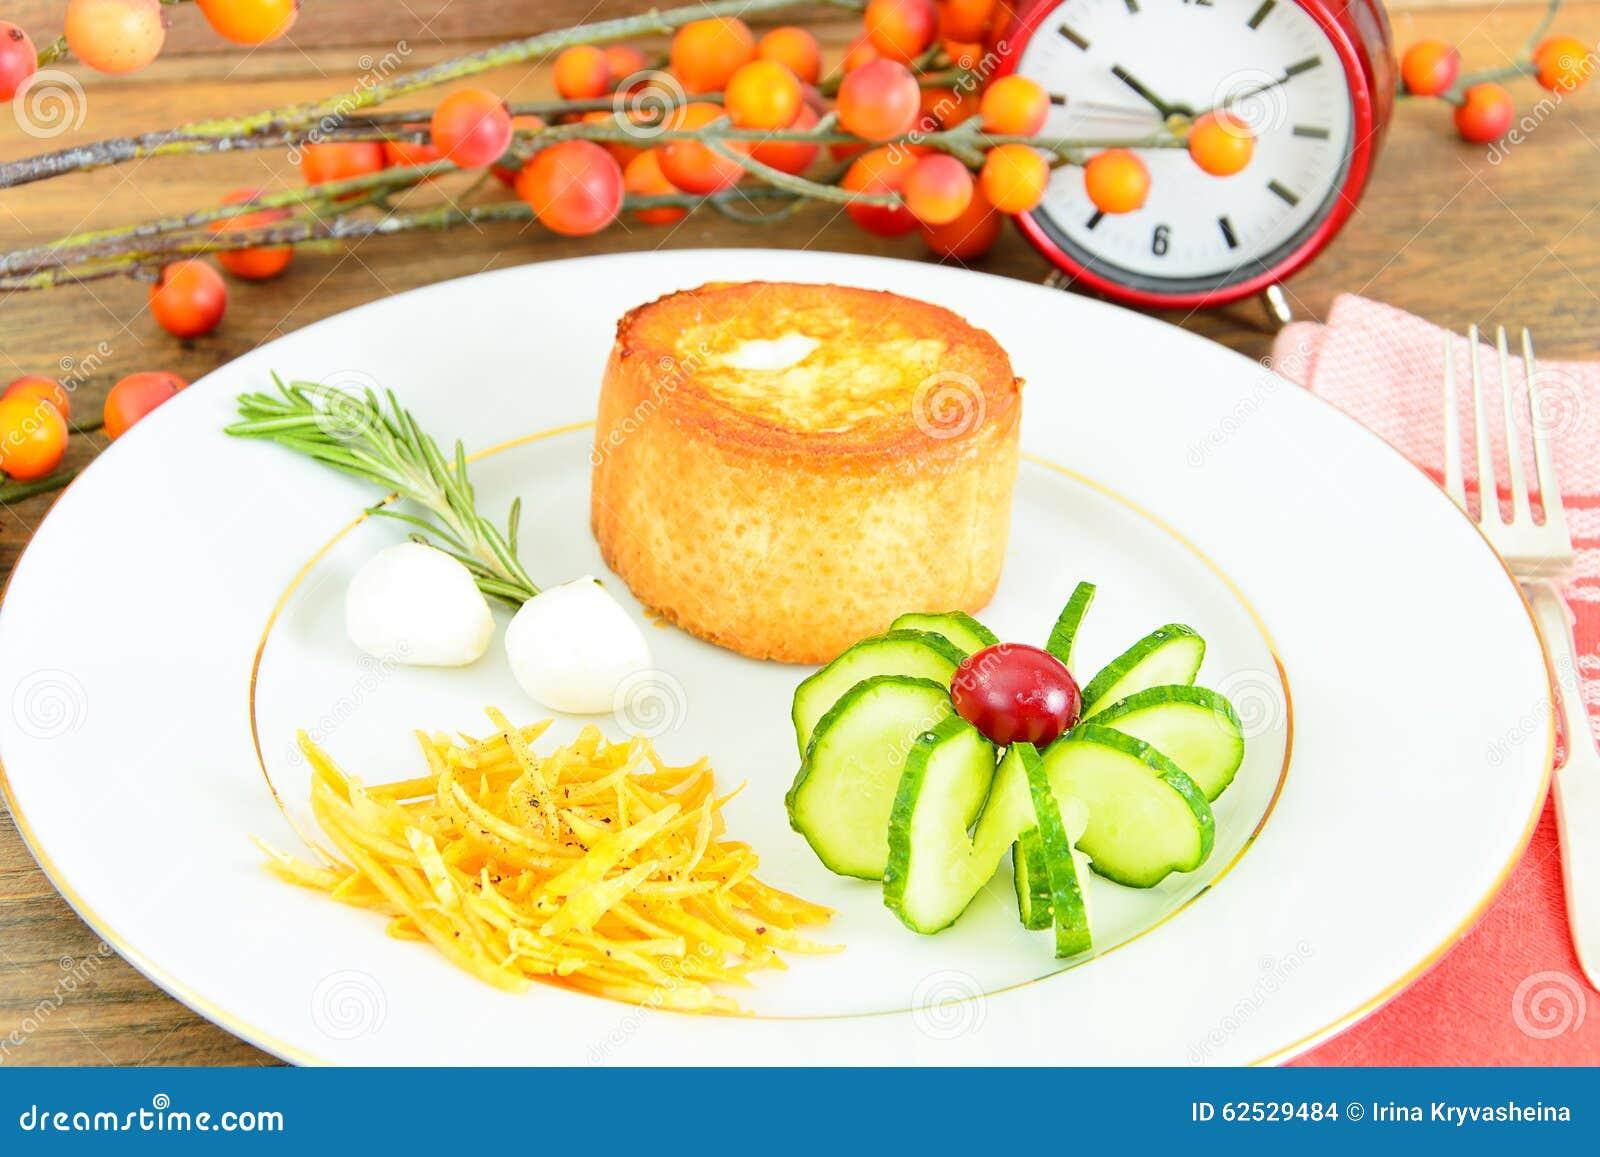 饮食和健康吃:早餐用鸡蛋